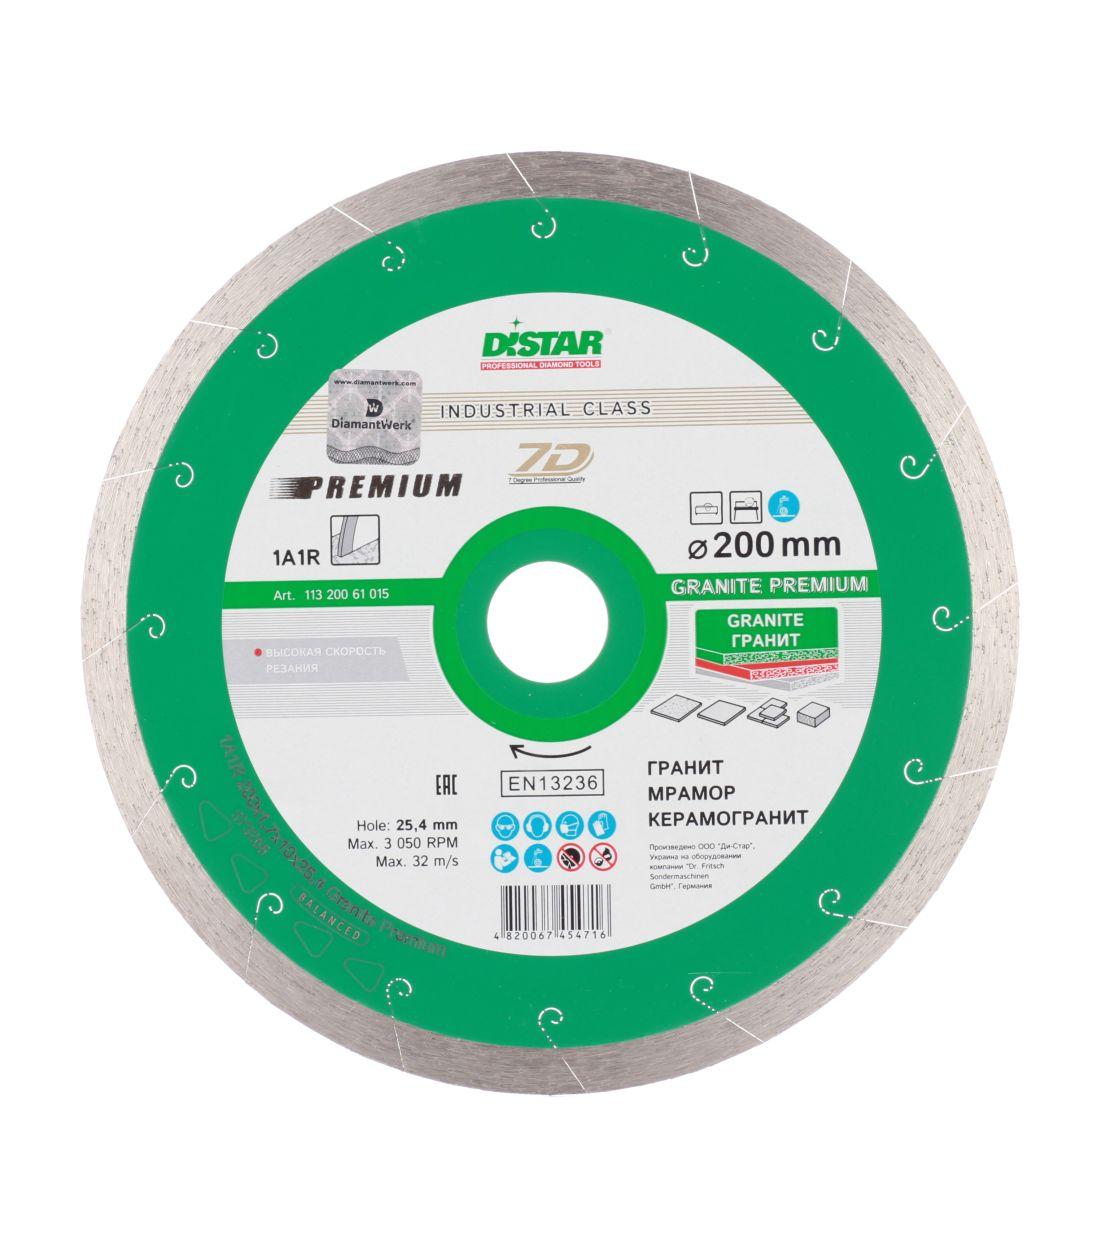 Диск алмазный сплошной по керамограниту DI-STAR 7D 200x1,7x25,4 мм диск алмазный сплошной по керамике 150х22 2 мм shaft